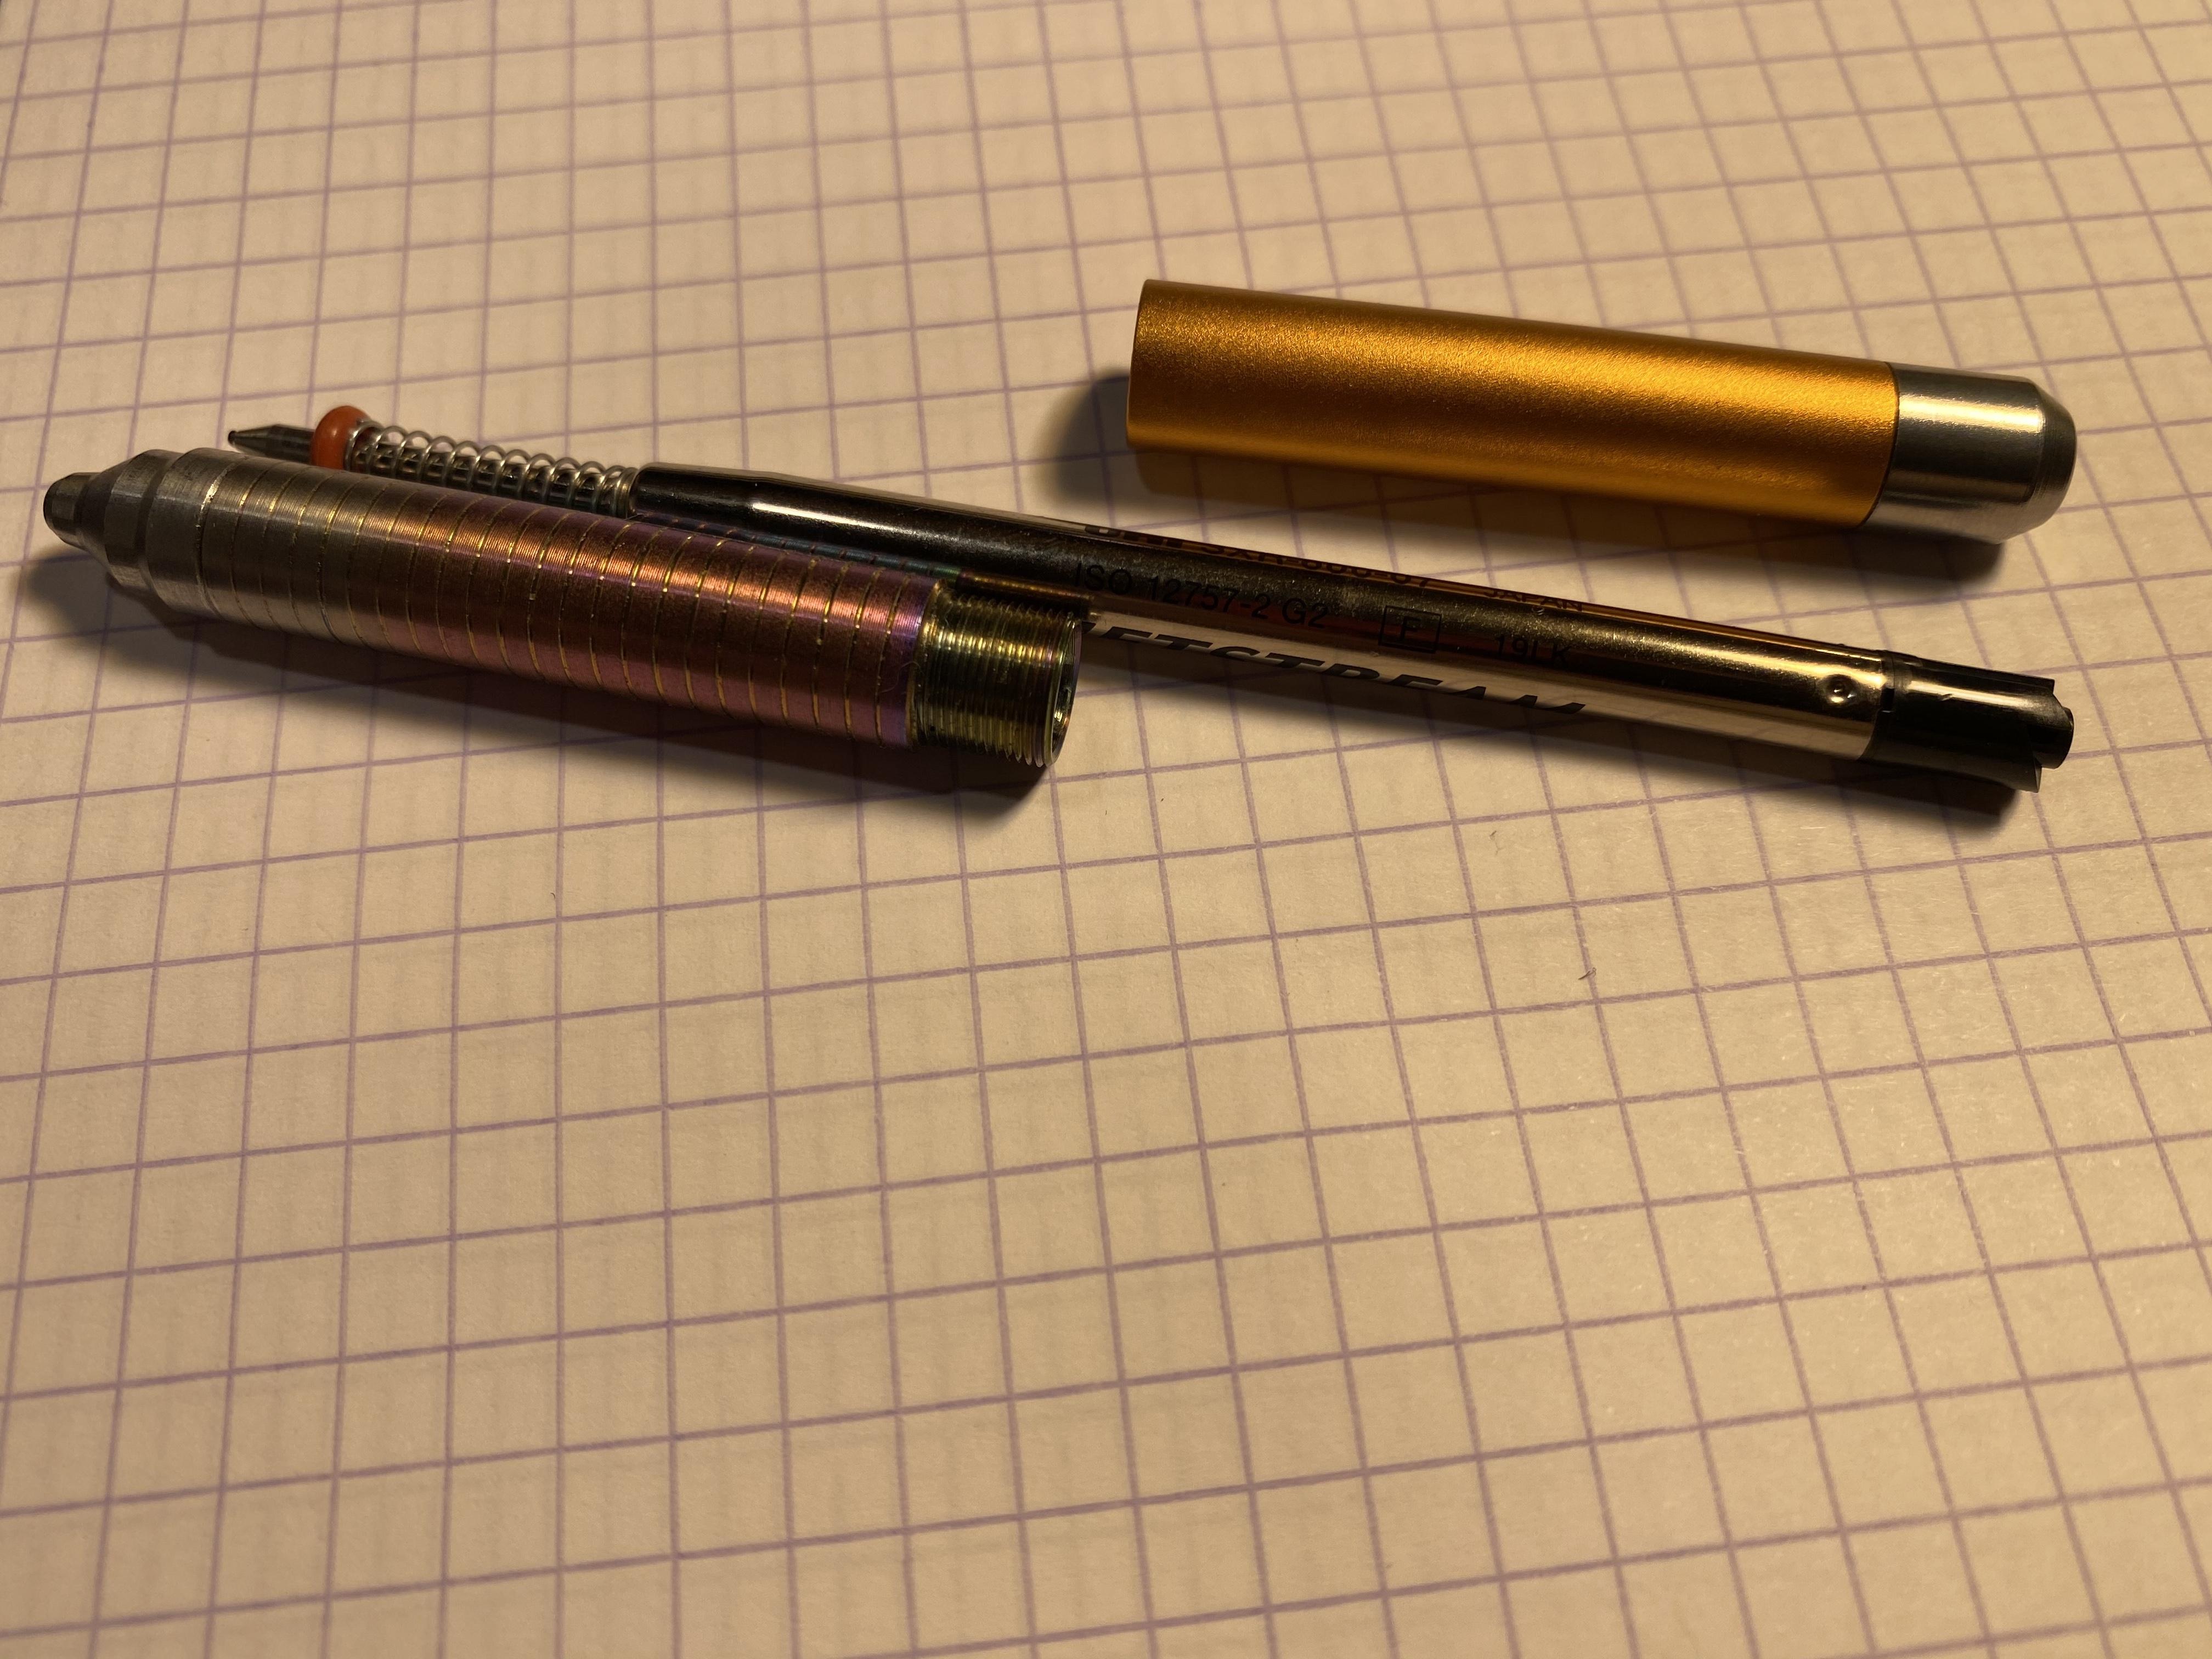 img 6240 - Spoke Roady Gecko Pen Assessment